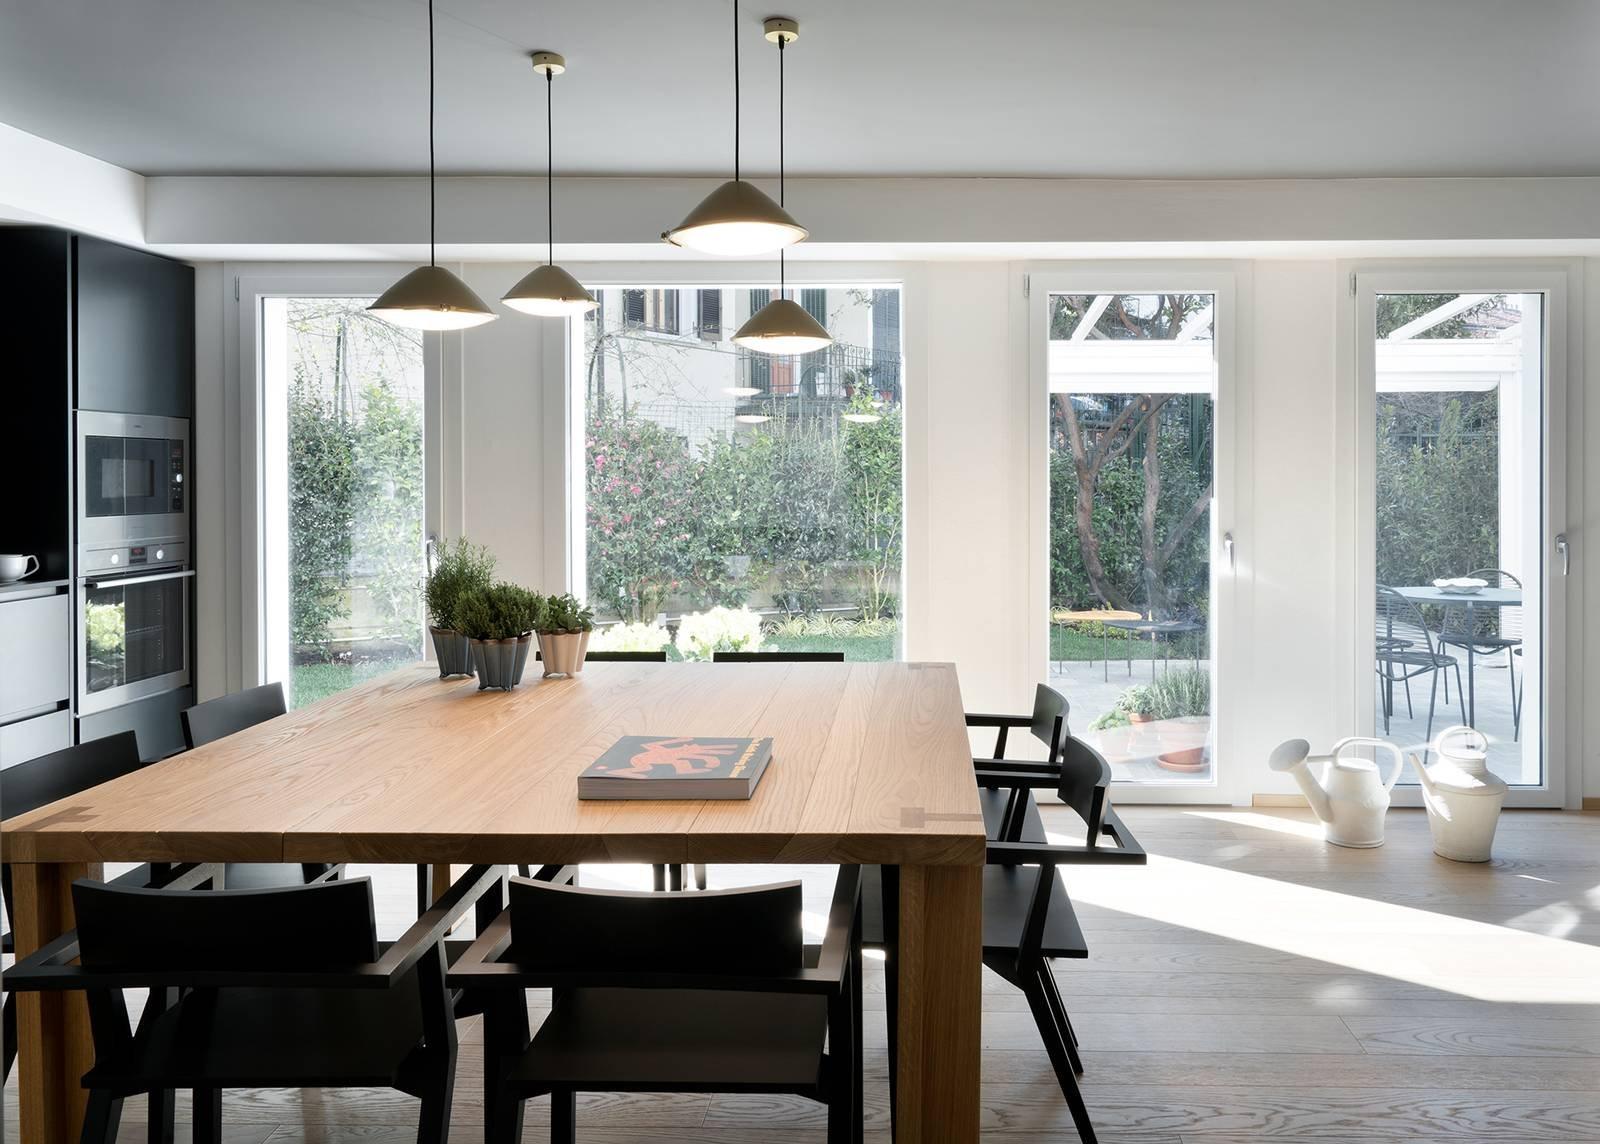 A Milano, una nuova guest house dallo stile urban chic - Cose di Casa